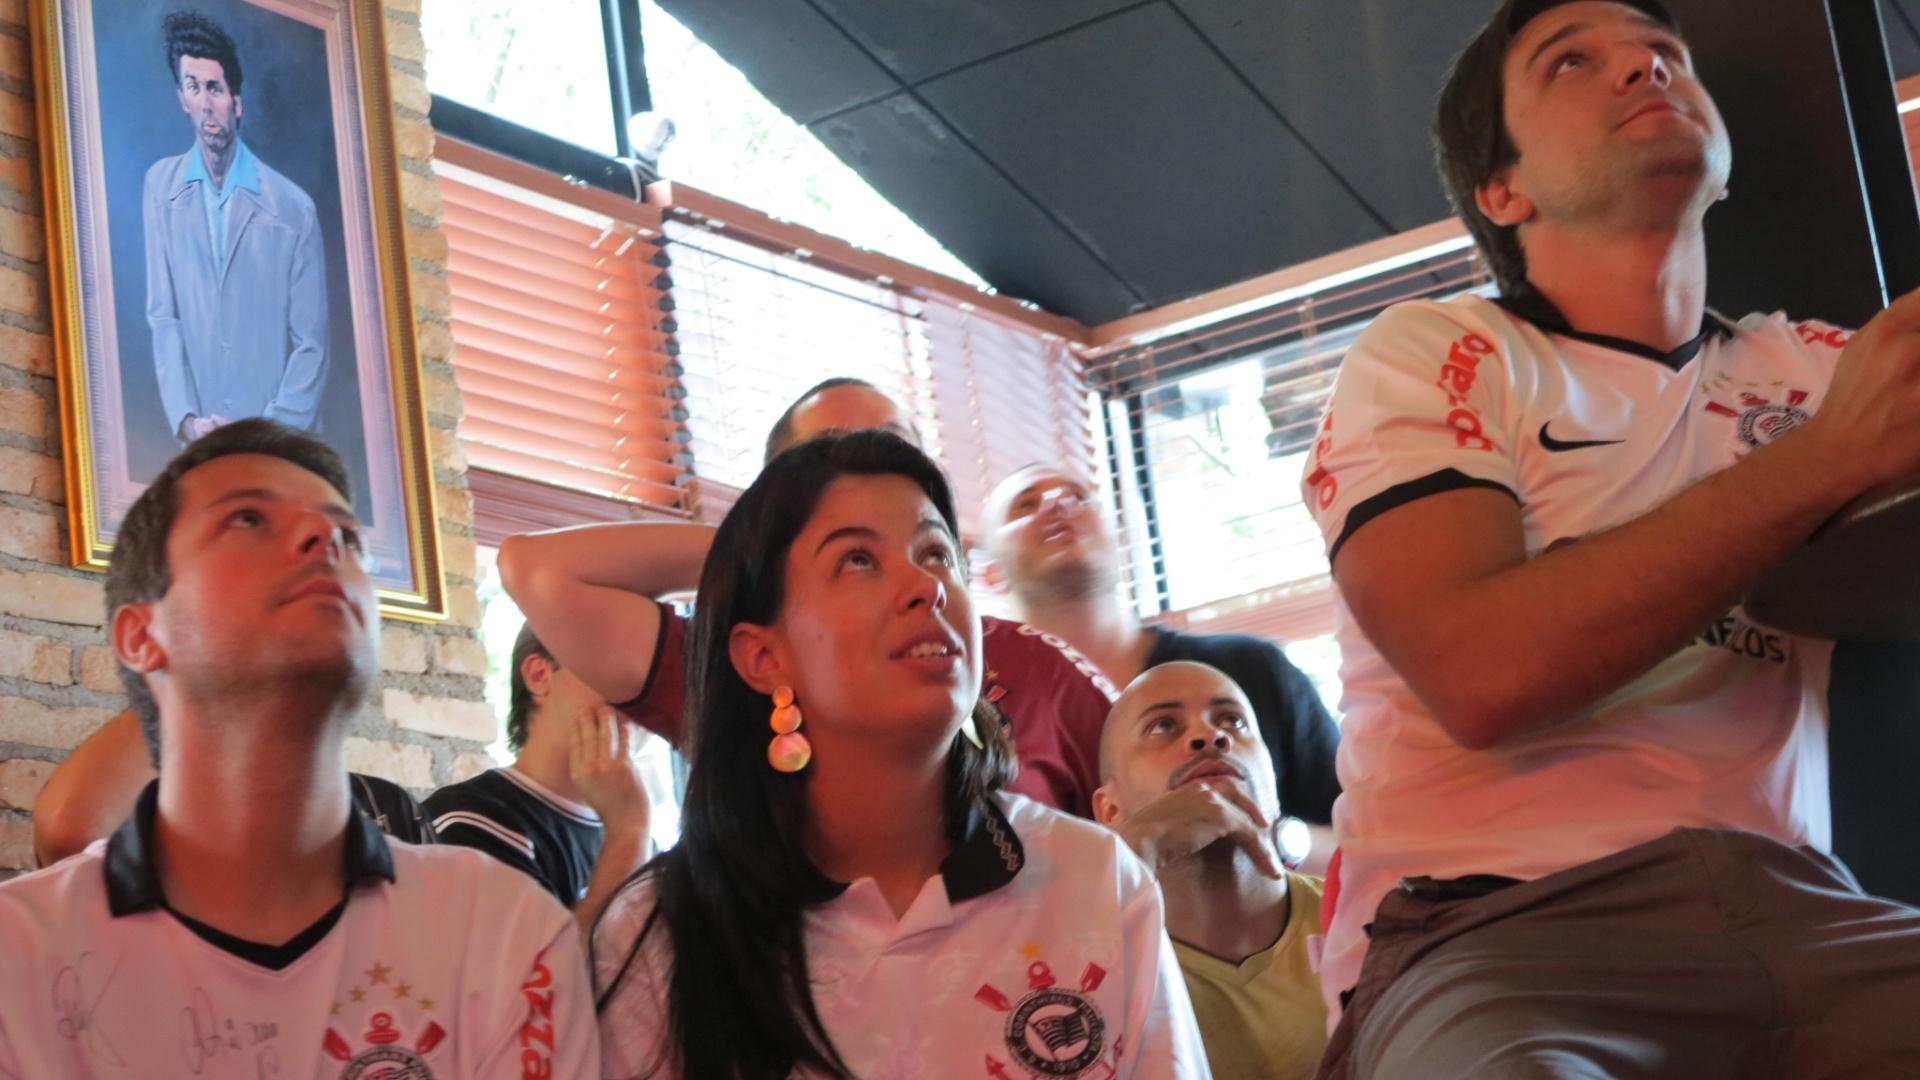 Uniformizados, torcedores em pub do Itaim acompanharam apreensivos jogo do Corinthians